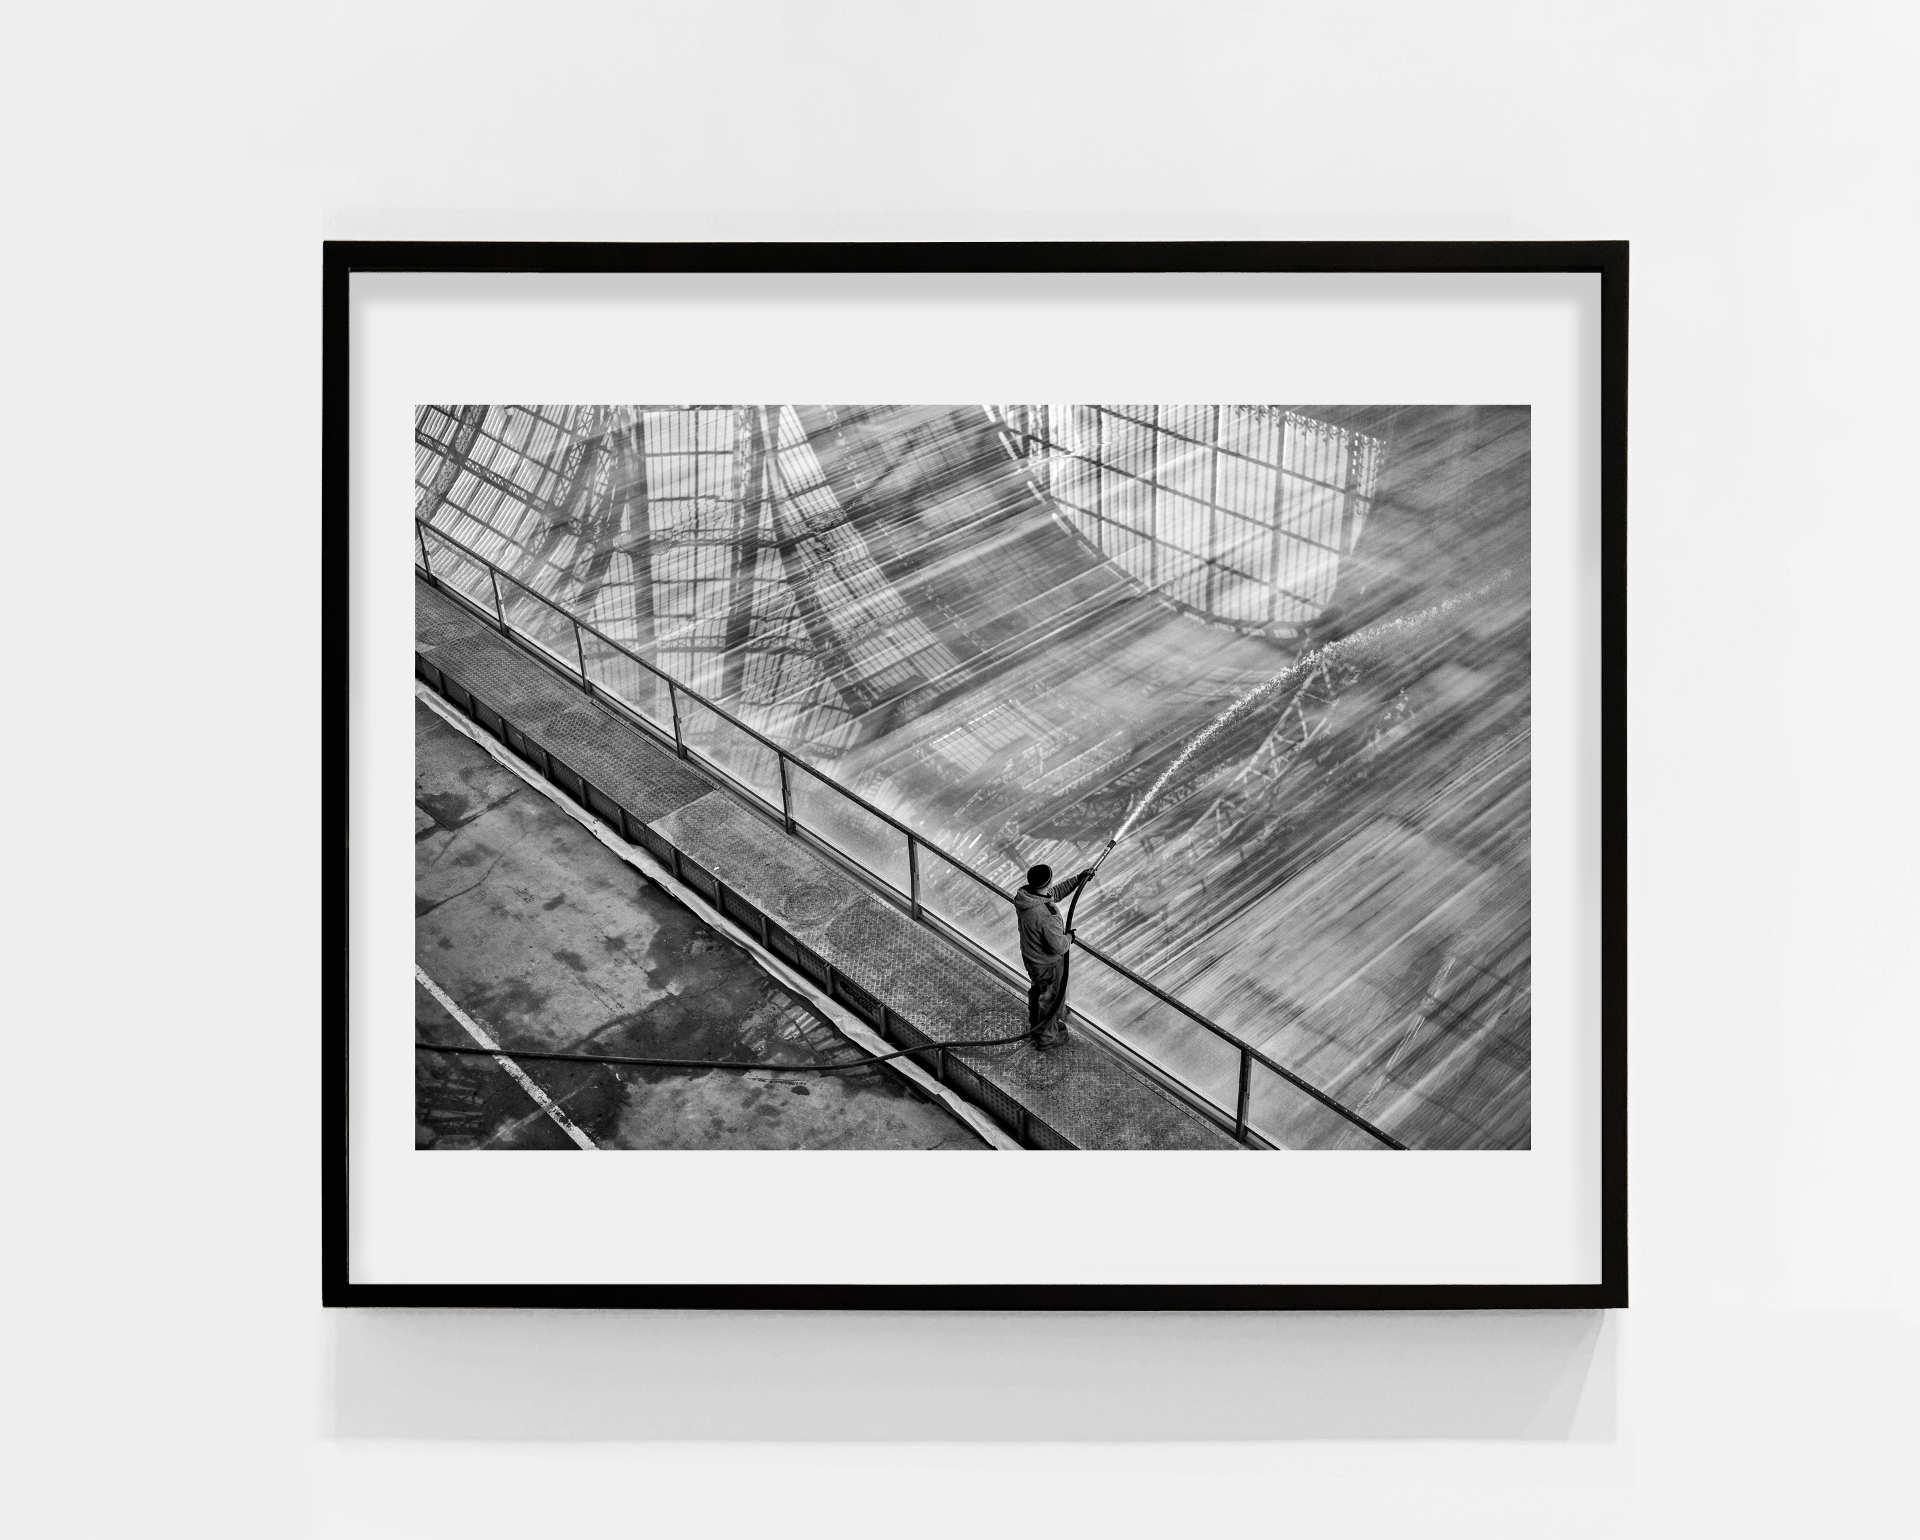 Tirage_Paris, Le Grand Palais des glaces_40x60